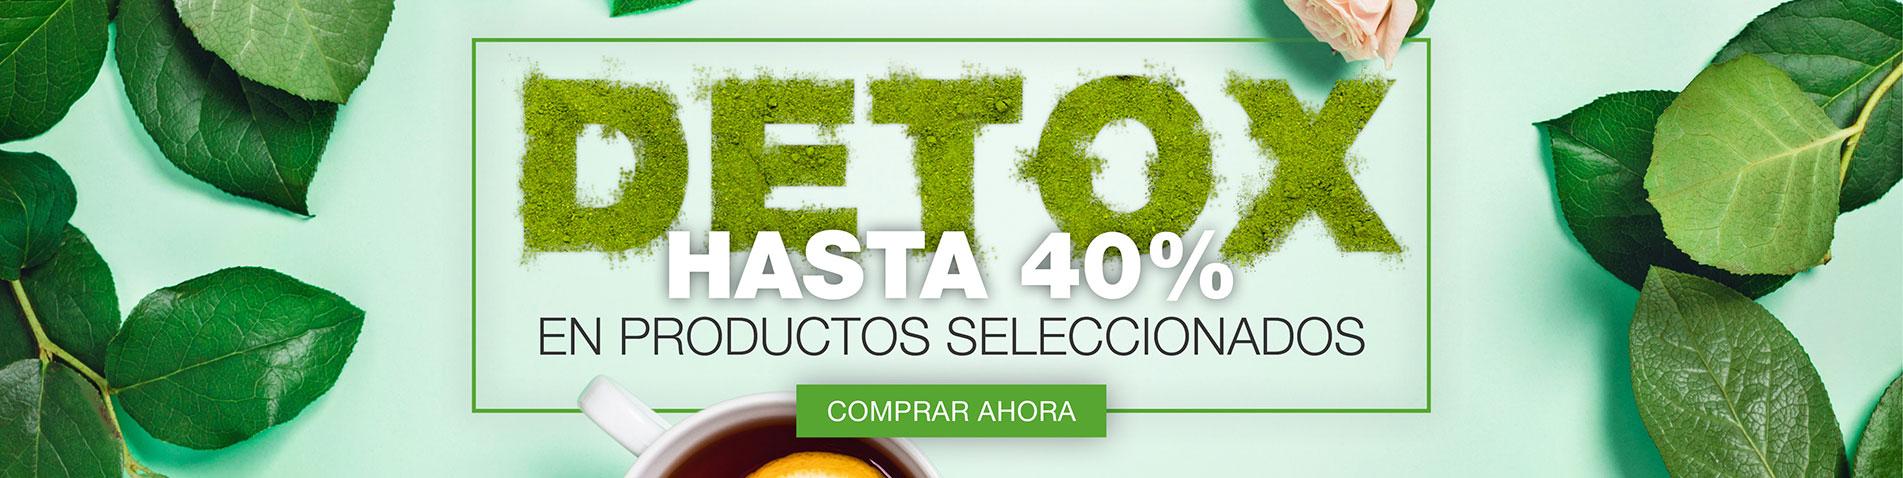 DETOX -HASTA 40%EN PRODUCTOS SELECCIONADOS